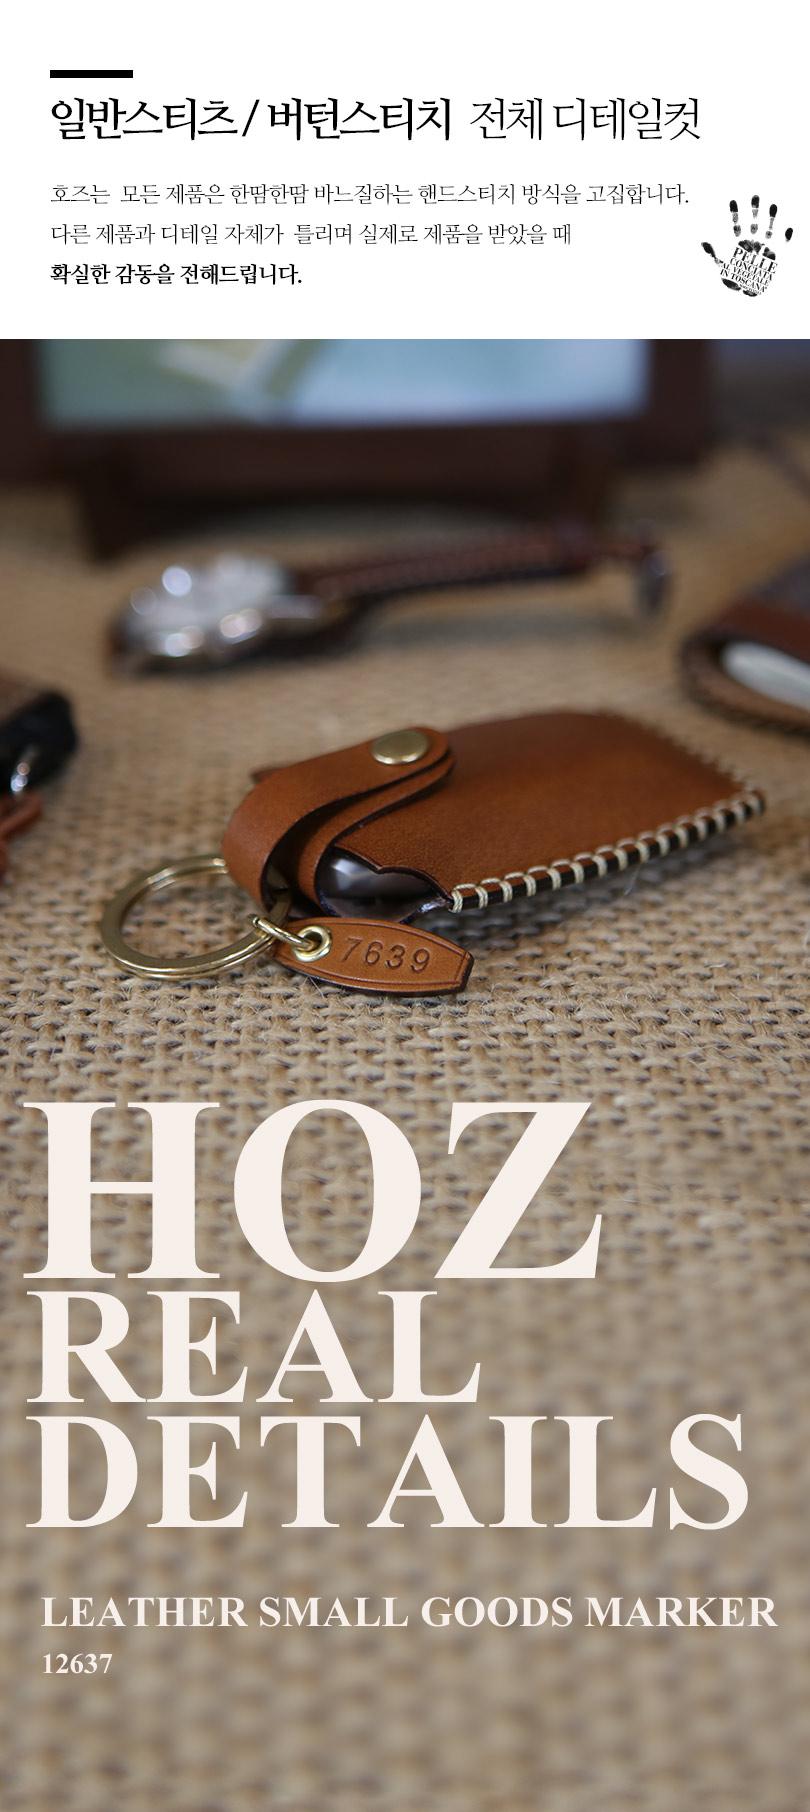 호즈 H103D 니로 스마트키케이스키홀더불박각인 - 호즈, 46,900원, 카인테리어, 키홀더/키케이스